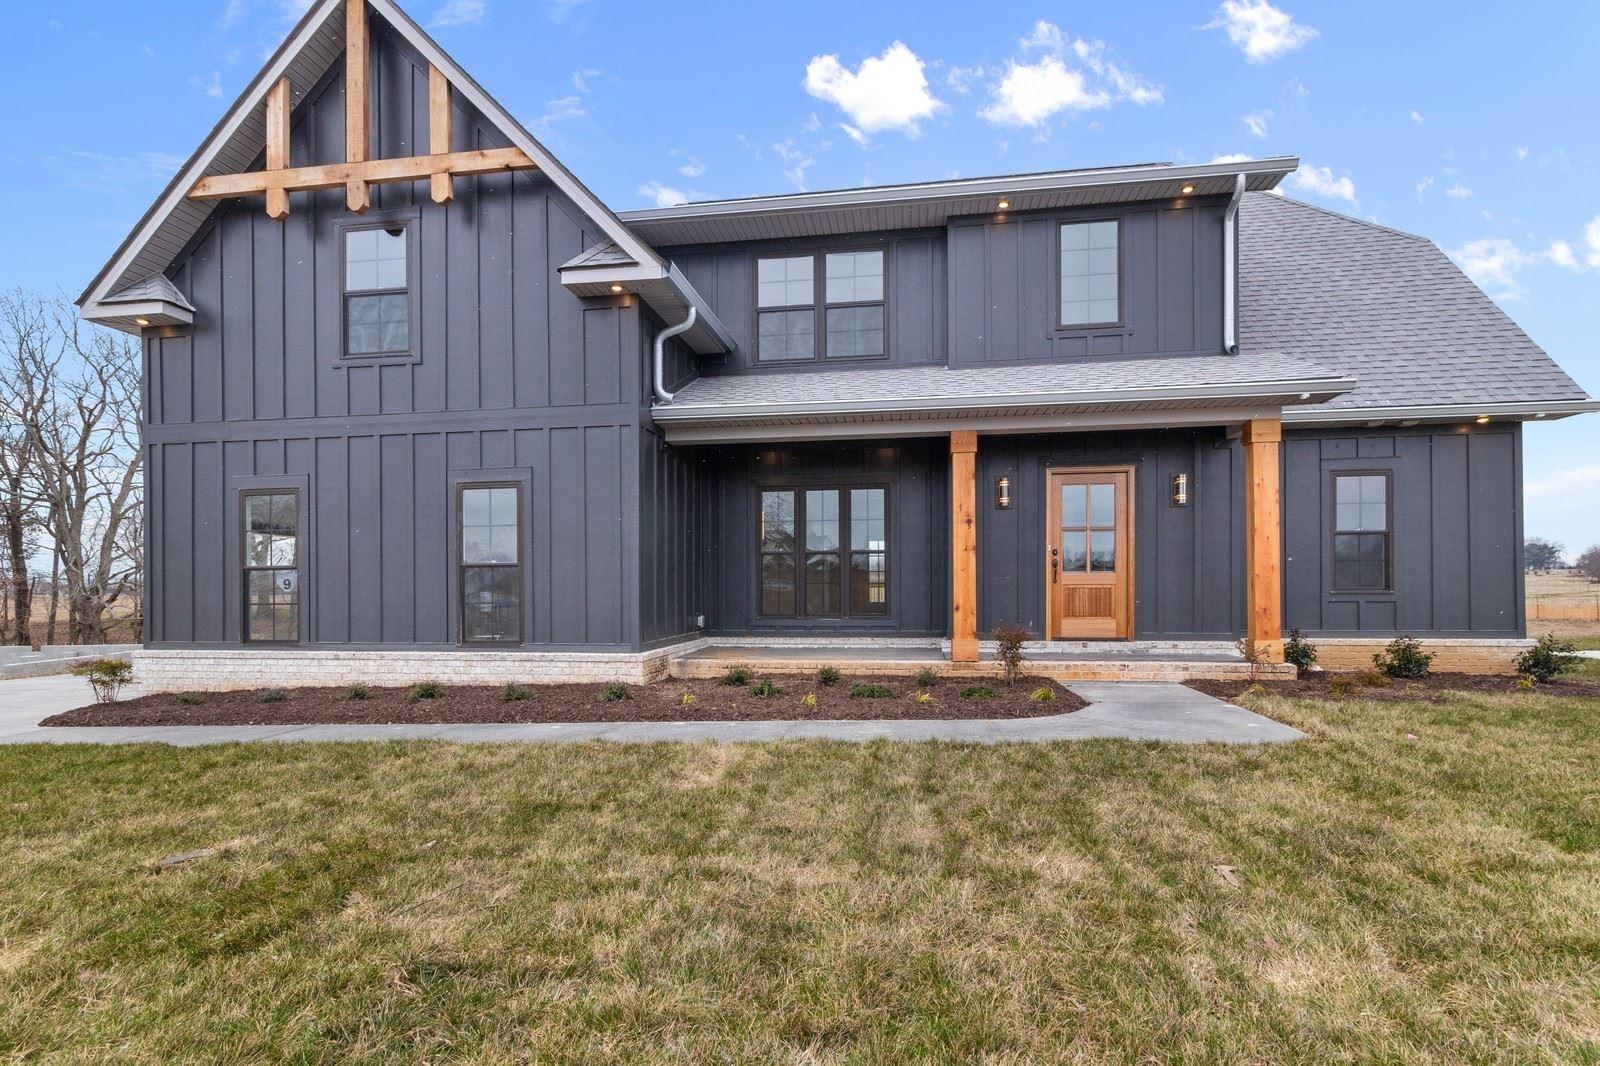 41 Whitewood Farm, Clarksville, TN 37043 - MLS#: 2217118